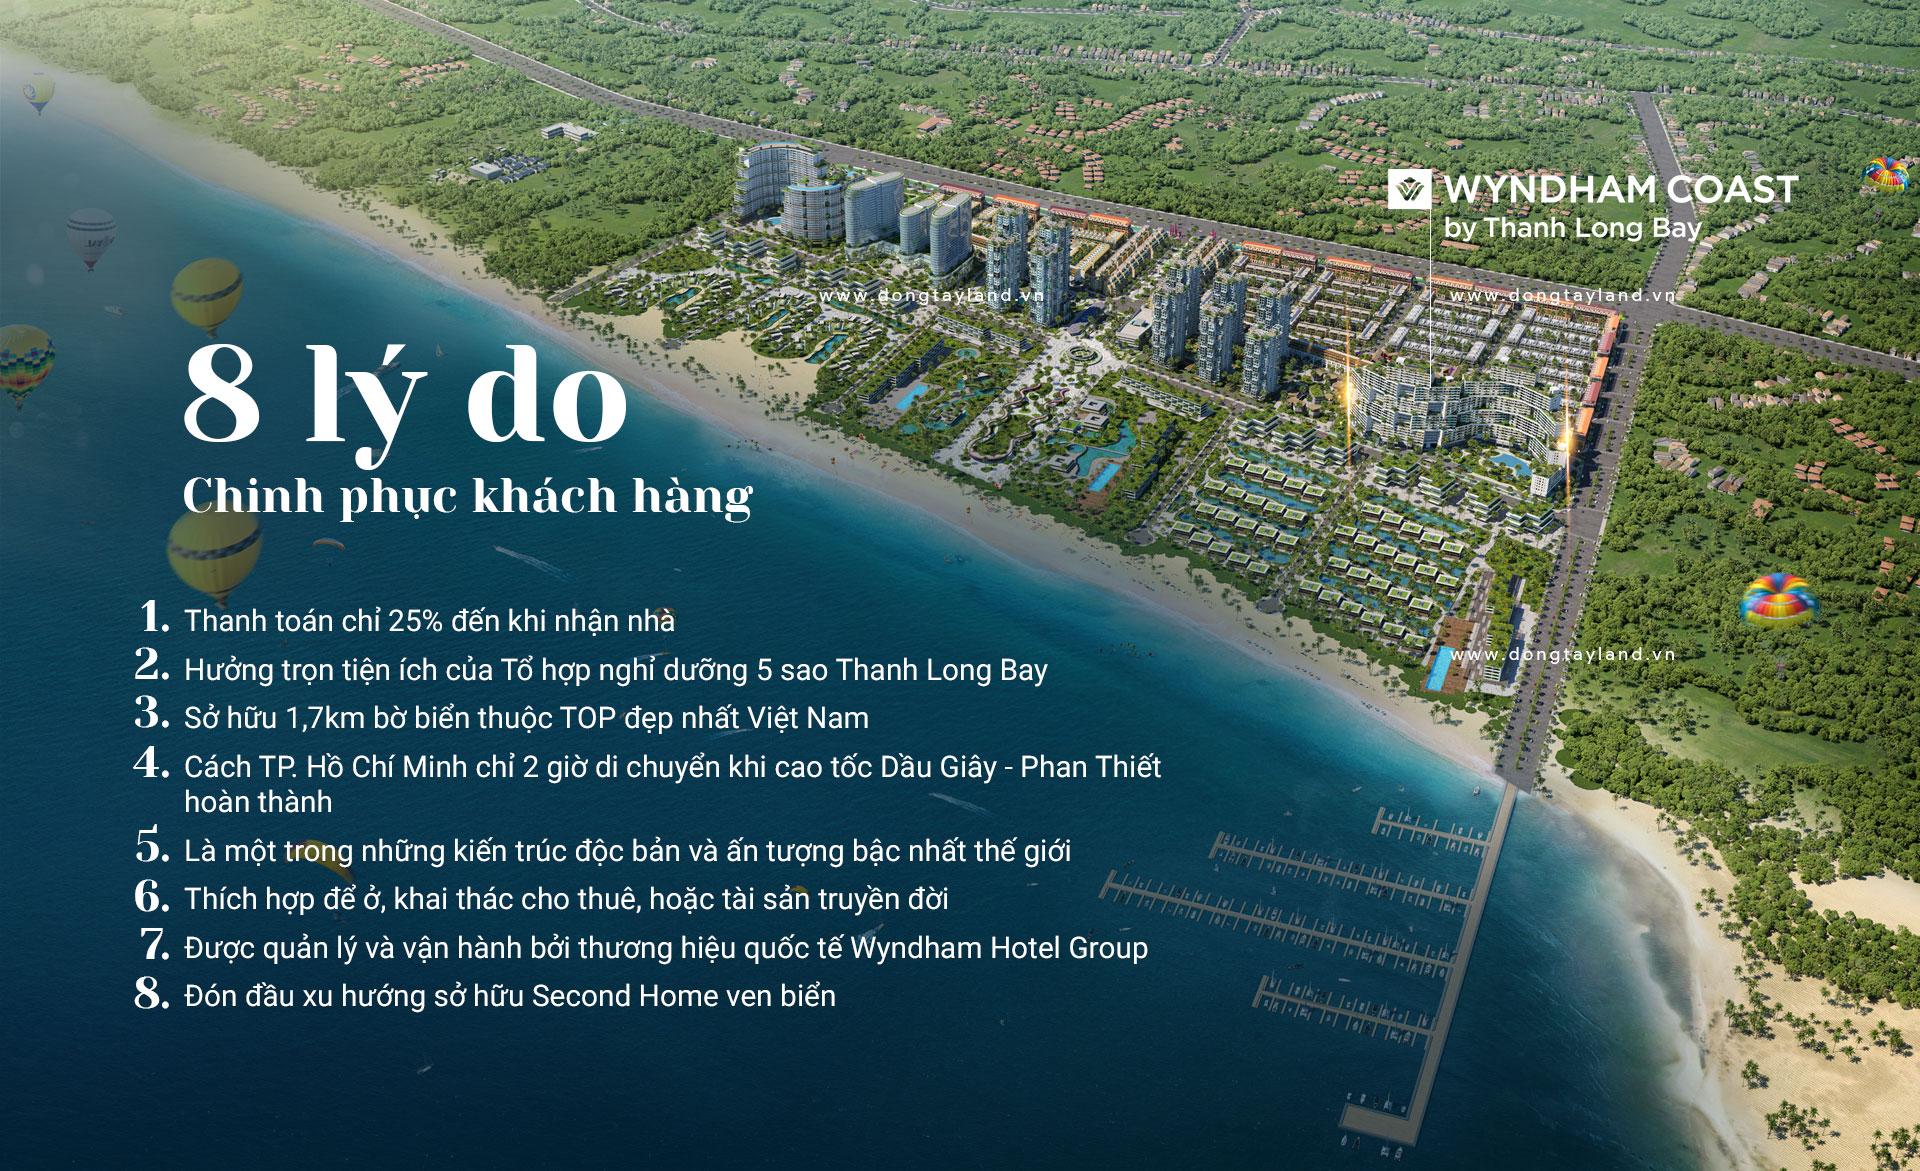 Lý do lựa chọn căn hộ Wyndham Coast by Thanh Long Bay